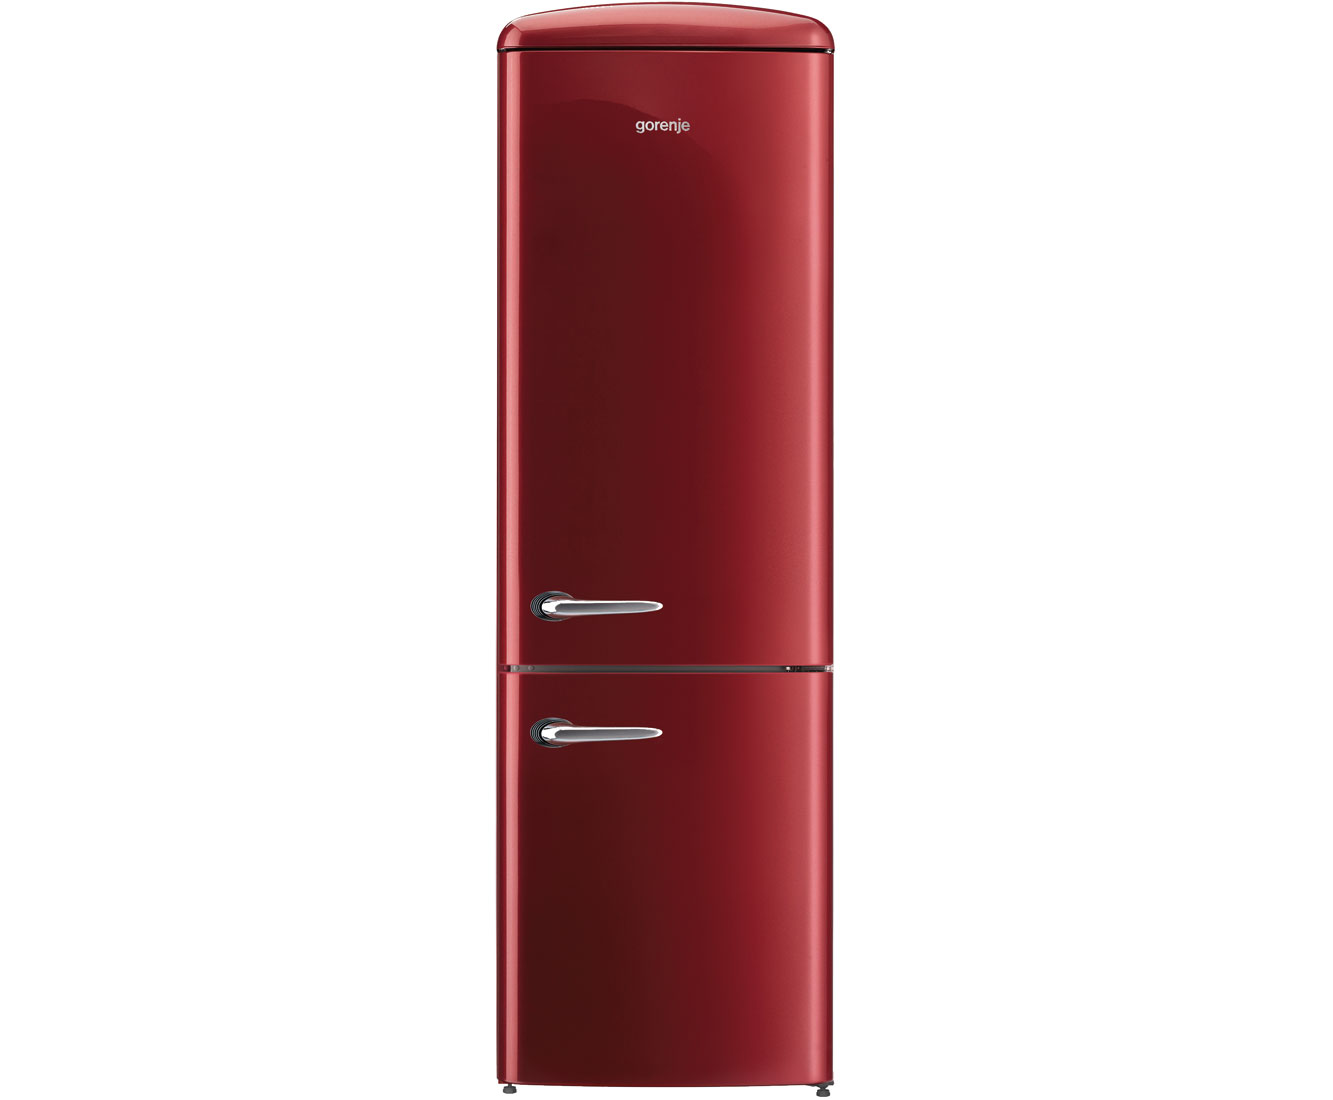 Gorenje ONRK 193 R Kühl-Gefrierkombinationen - Rot | Küche und Esszimmer > Küchenelektrogeräte > Kühl-Gefrierkombis | Rot | Gorenje